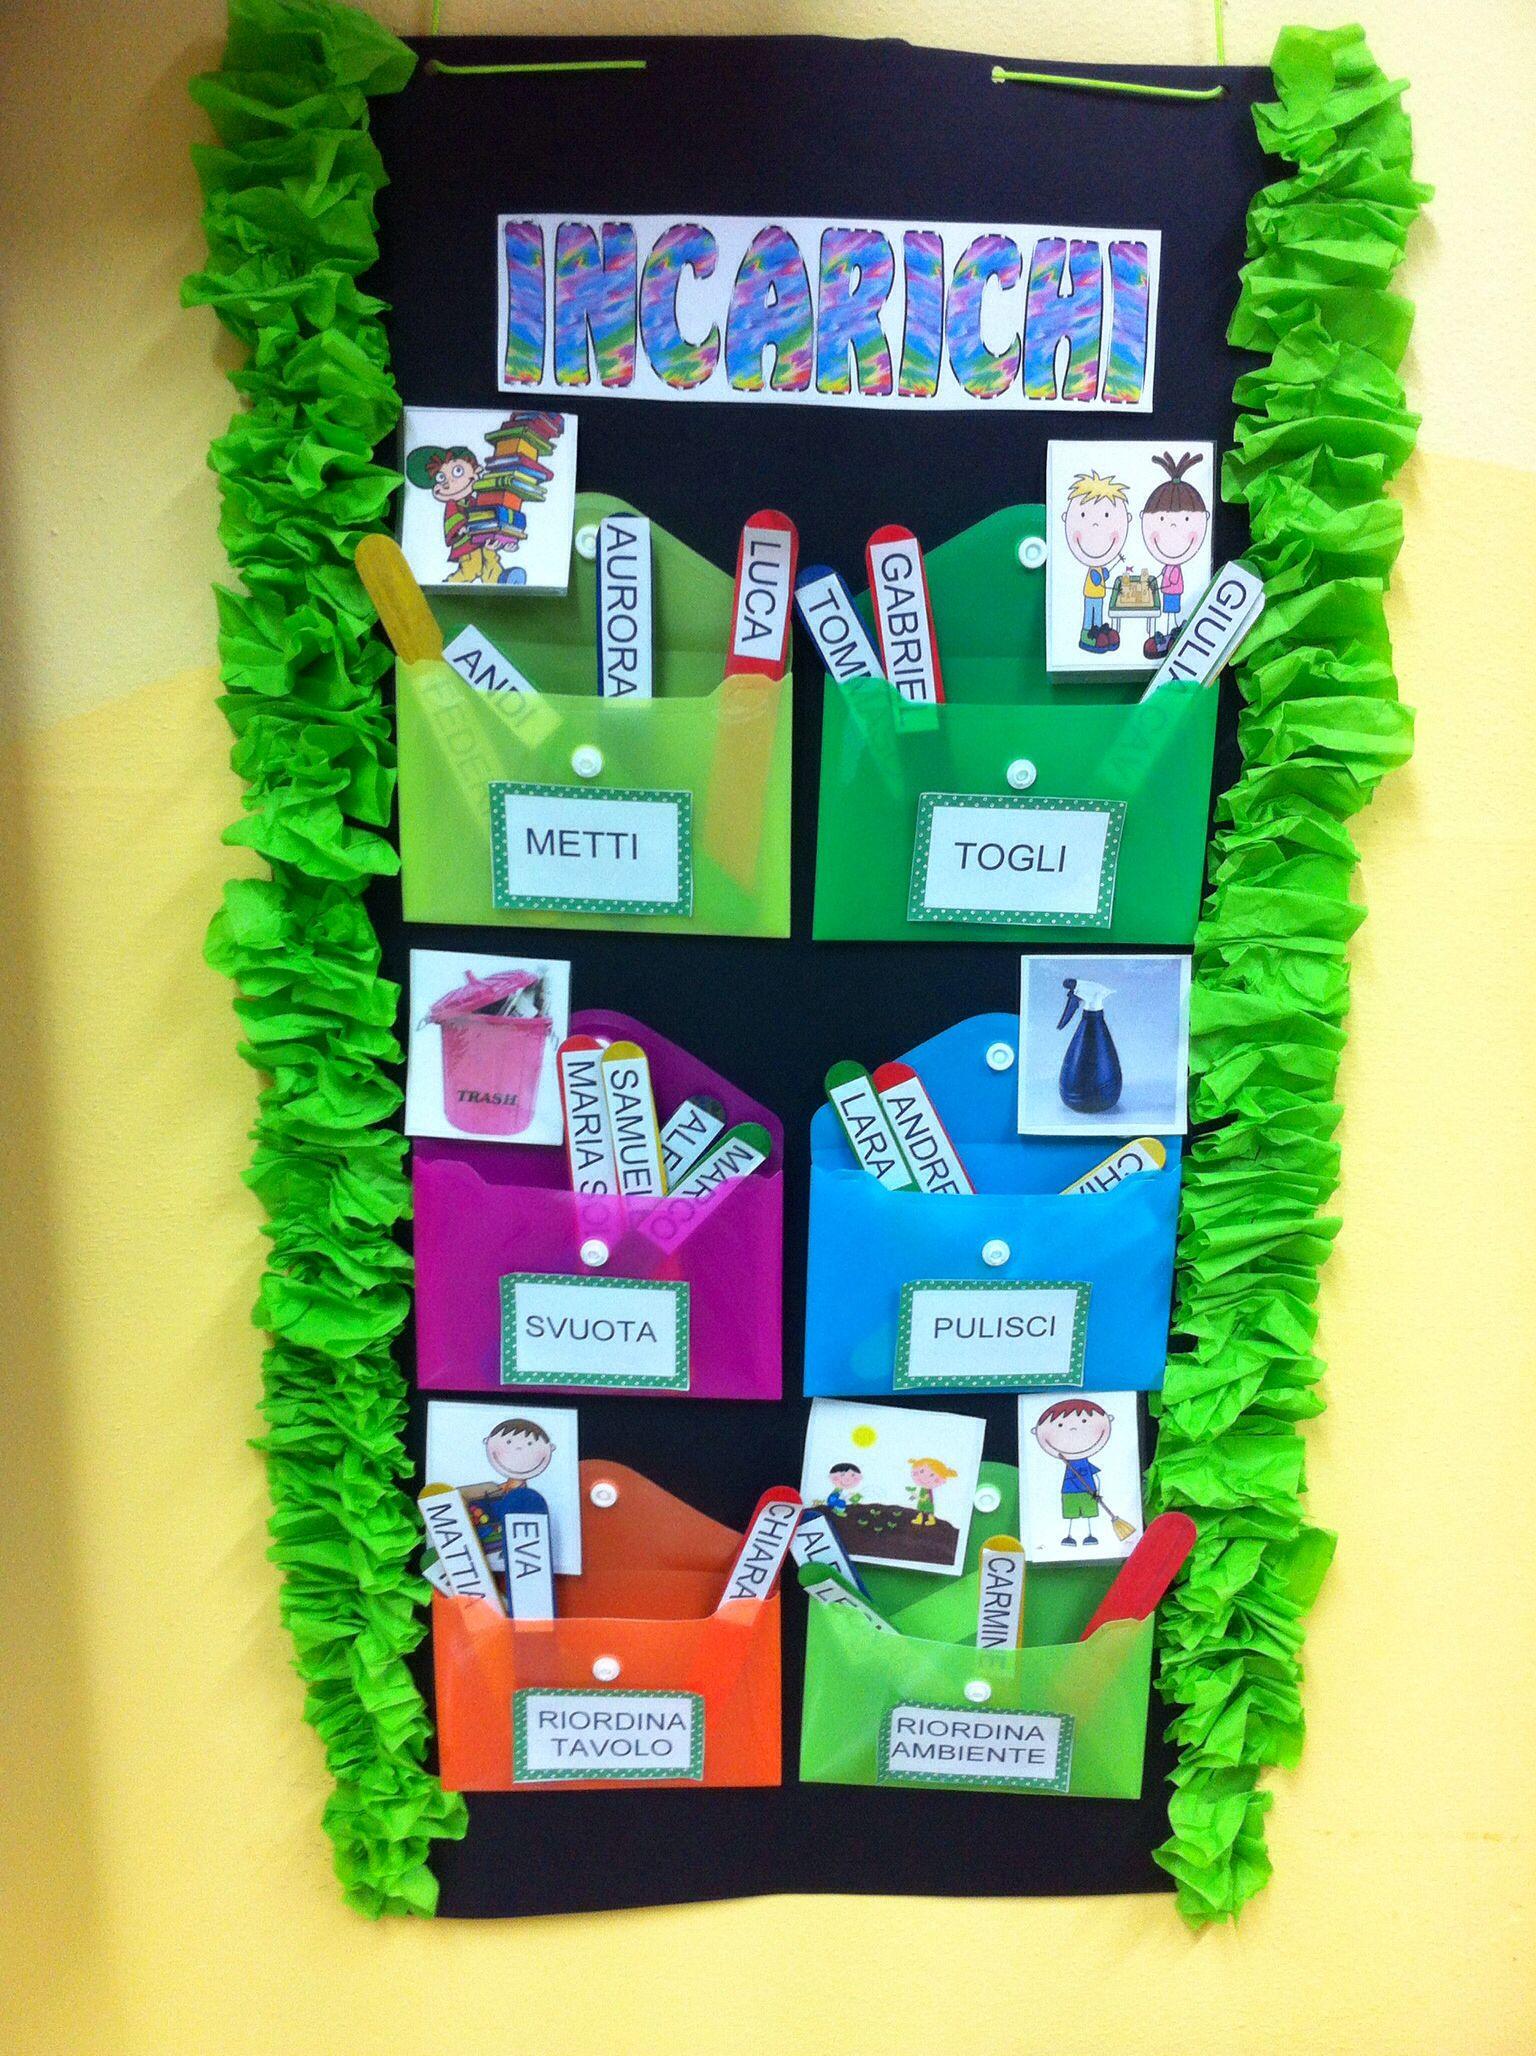 Incarichi degli alunni 1 e 2 classe grazie dei tanti pin for Cartelloni scolastici